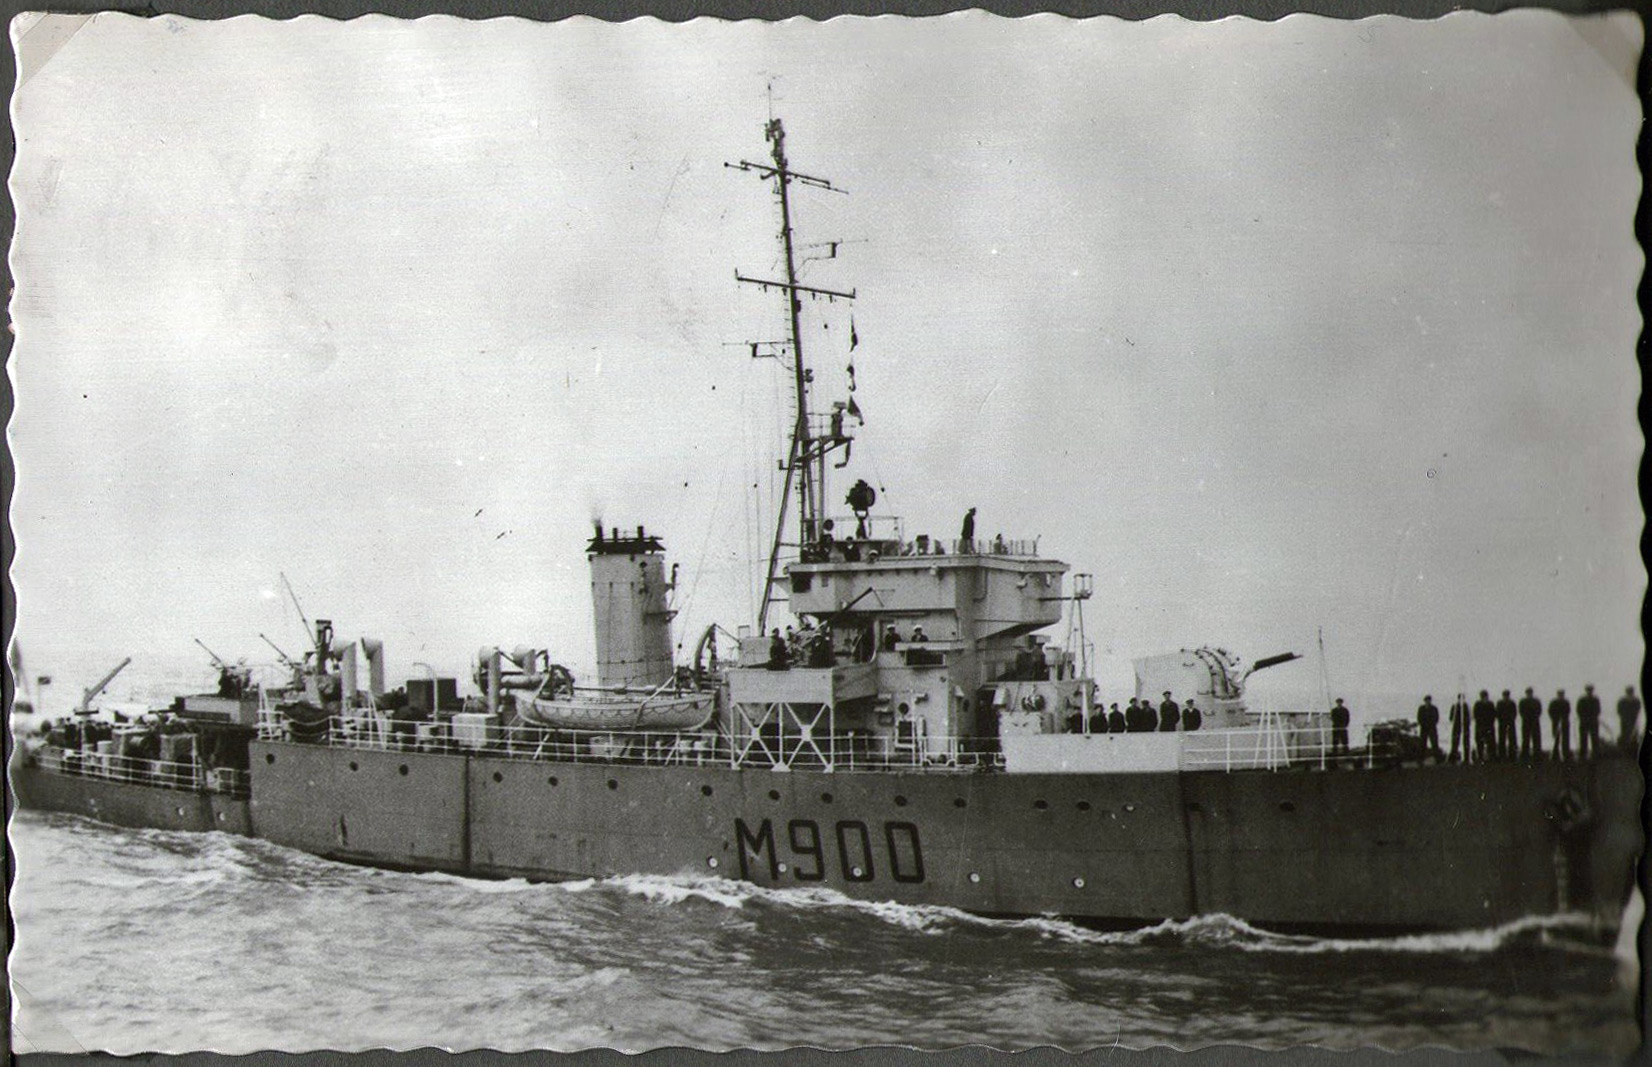 M900 / A954 Adrien De Gerlache (ex HMS Liberty) - Page 9 1401130735498733011894720